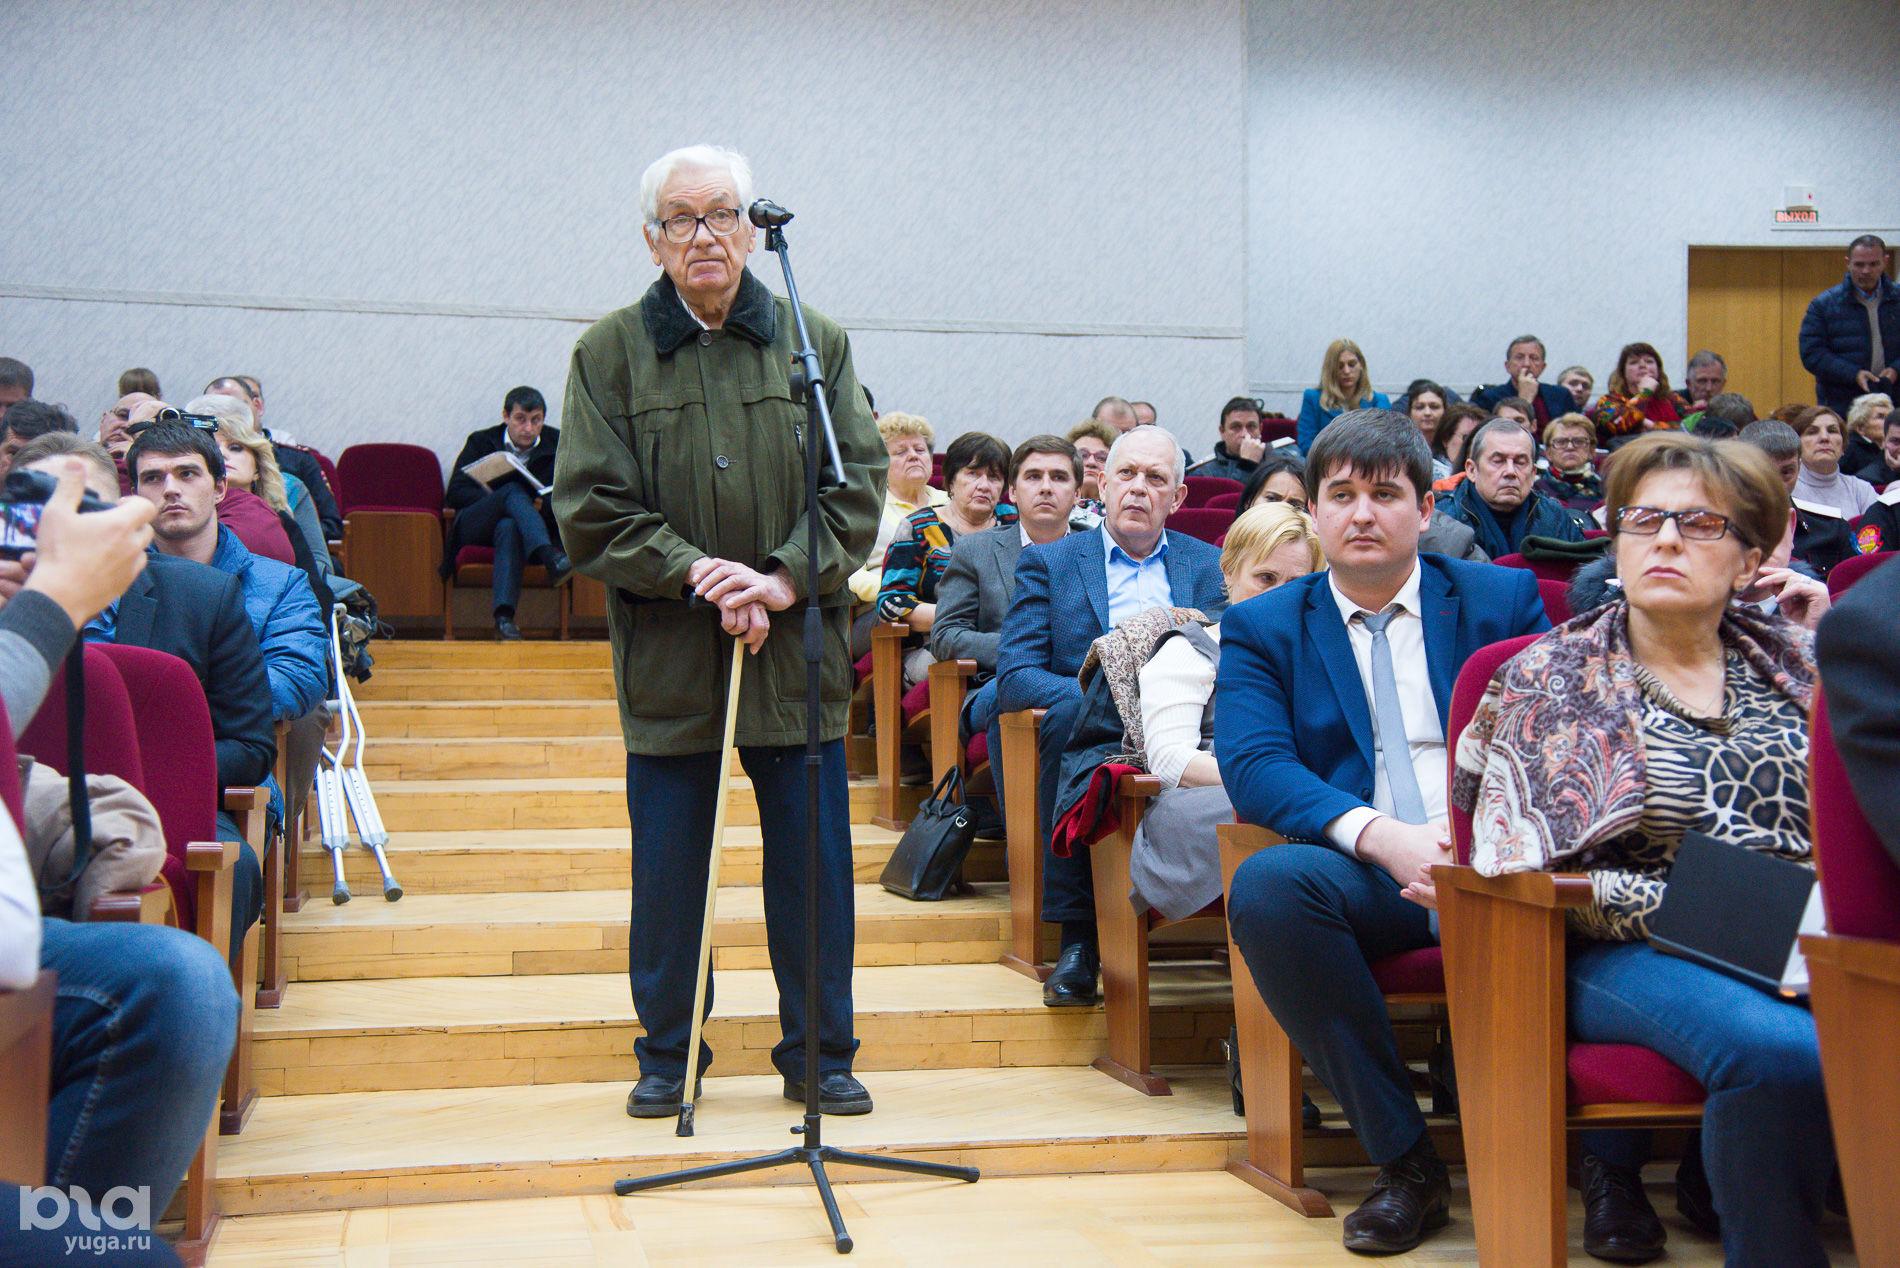 Общественные слушания по генплану Краснодара, ноябрь 2016 года ©Елена Синеок, Юга.ру